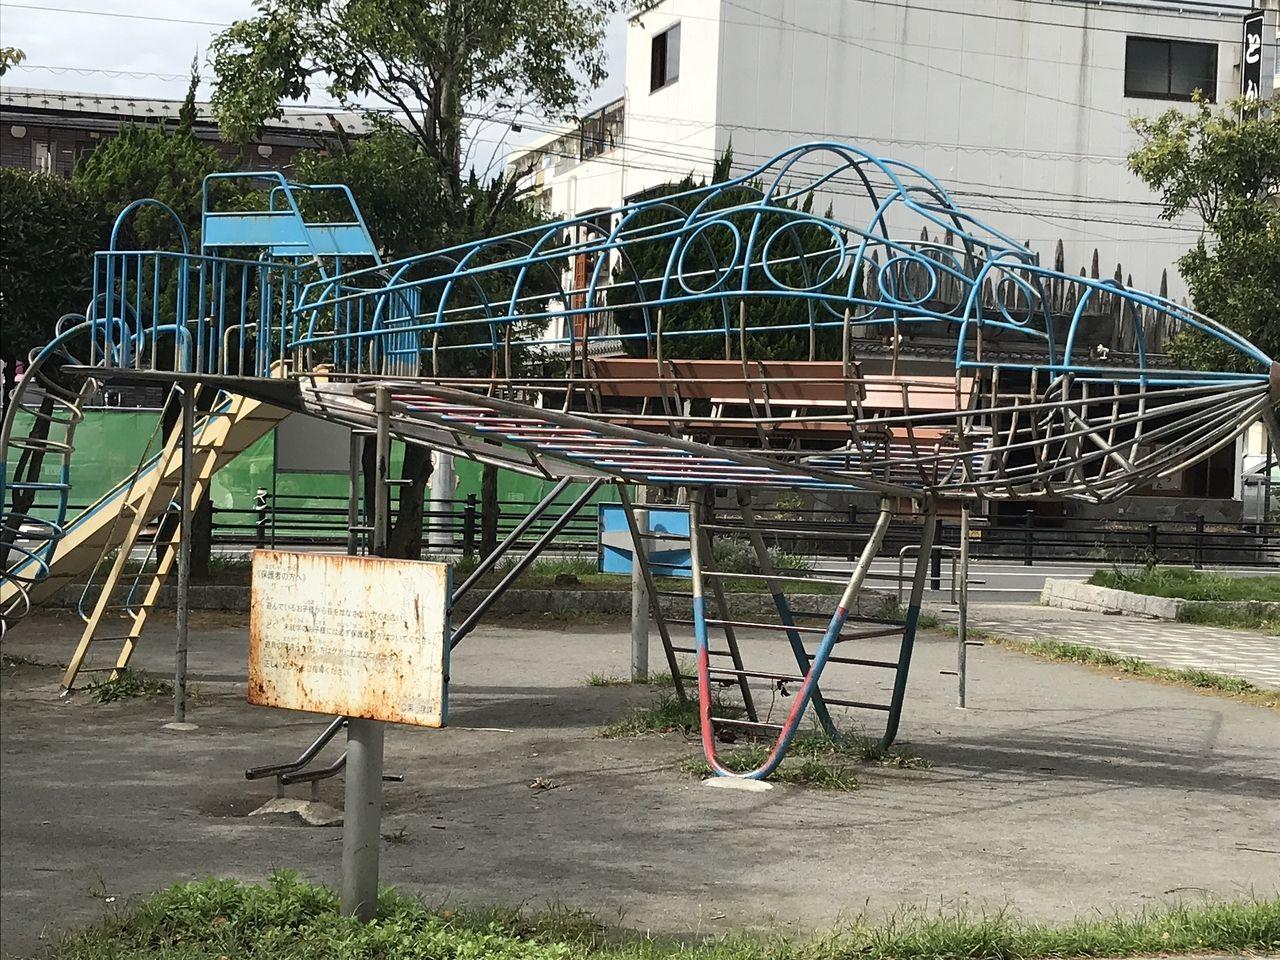 行徳の弁天公園の飛行機型遊具